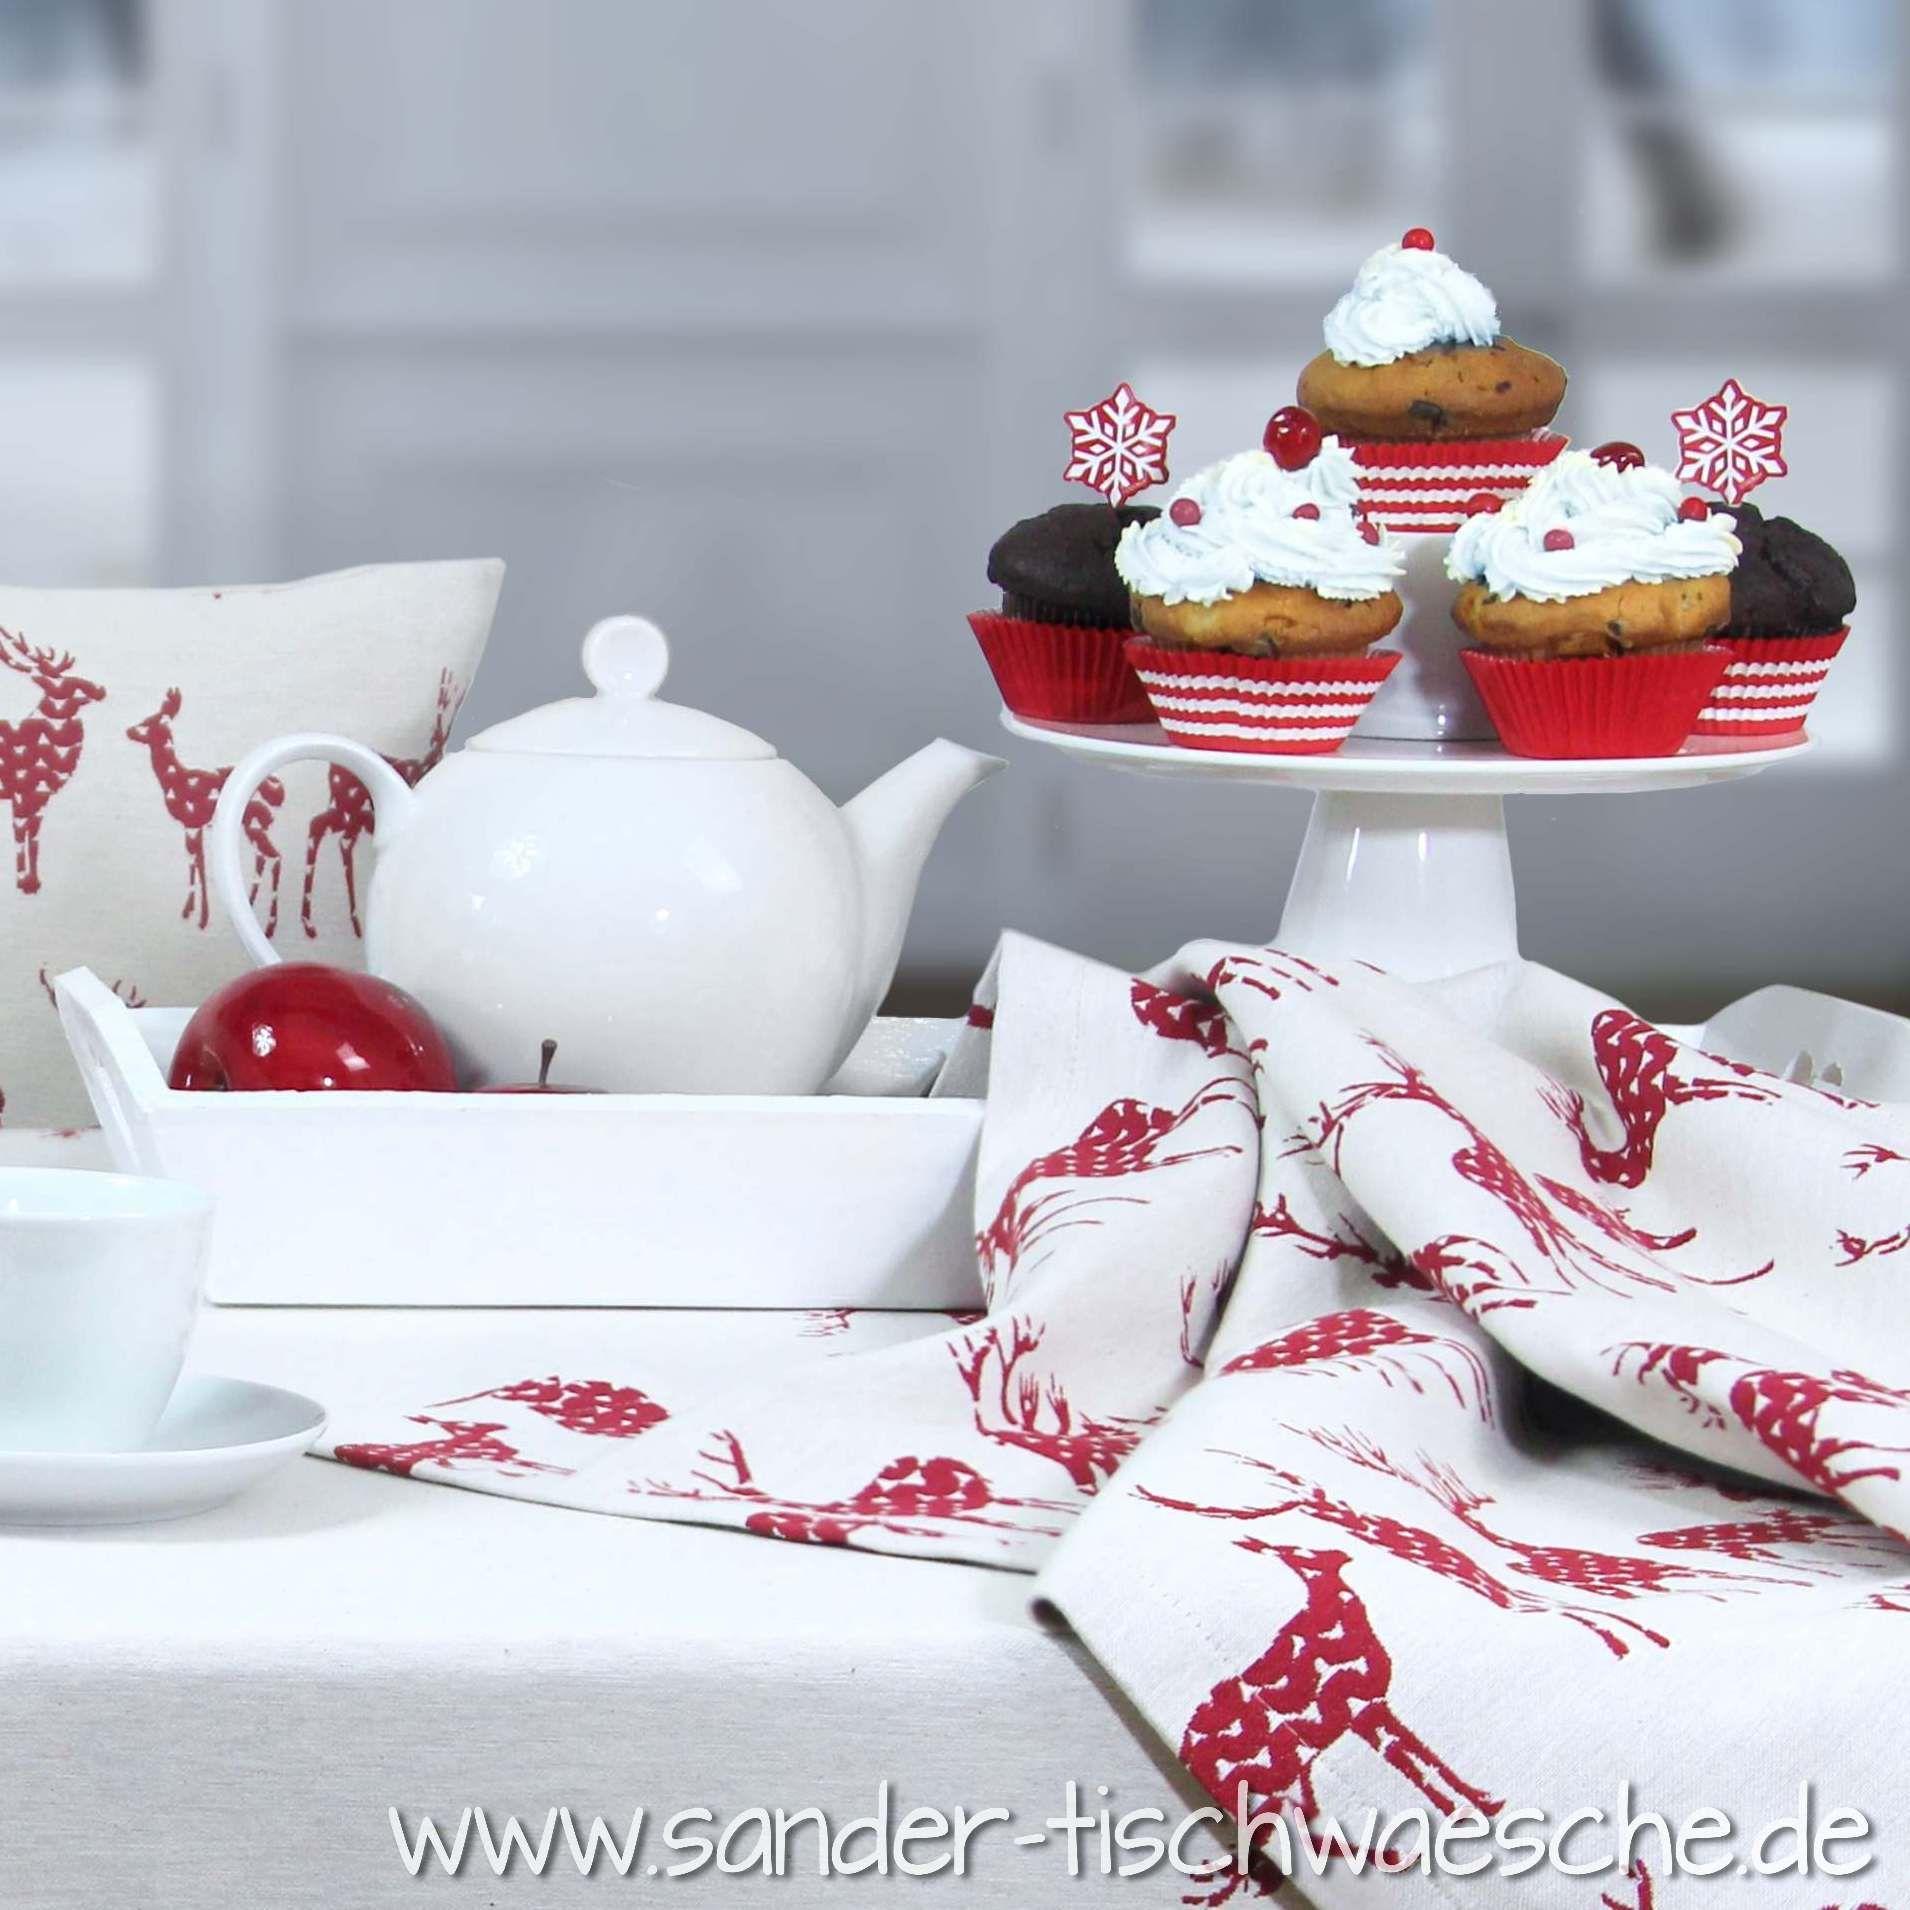 weihnachtliche cupcakes lecker tischw sche rudolph mit rentieren von sander weihnachten. Black Bedroom Furniture Sets. Home Design Ideas